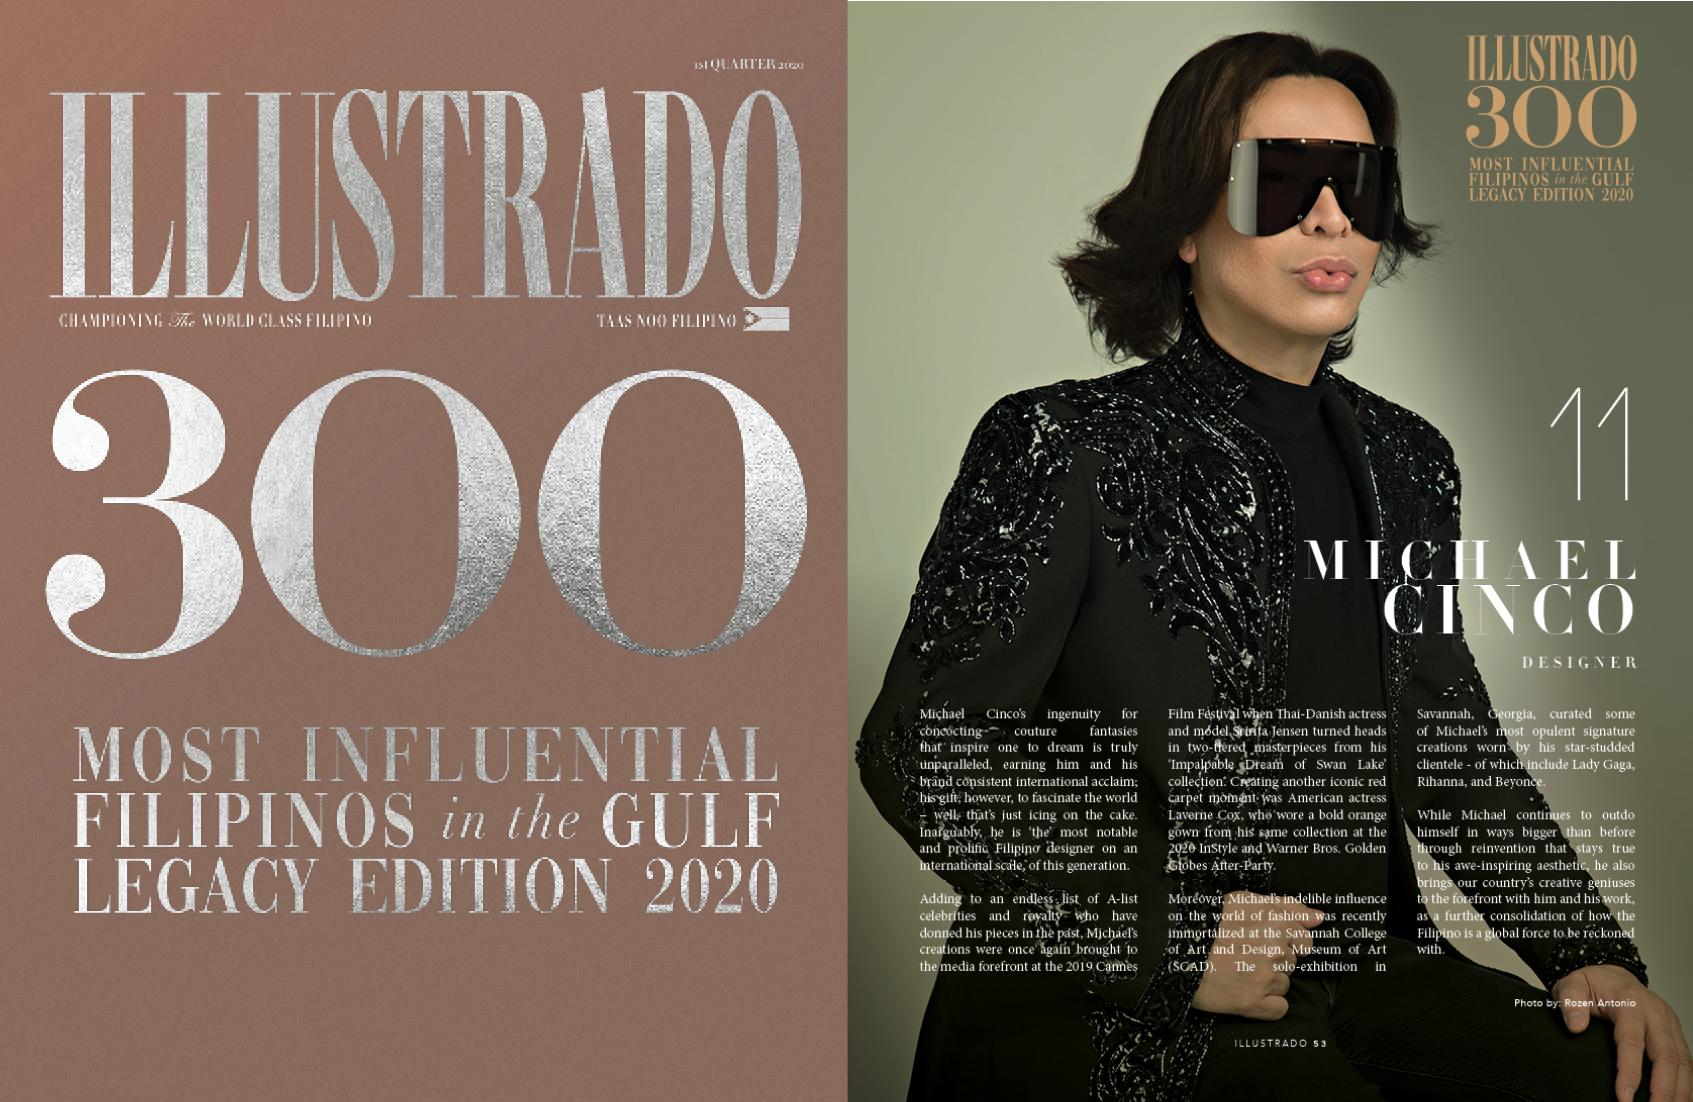 Michael Cinco Illustrado 300 Most Influential Filipinos In The Gulf Illustrado Magazine Filipino Abroad